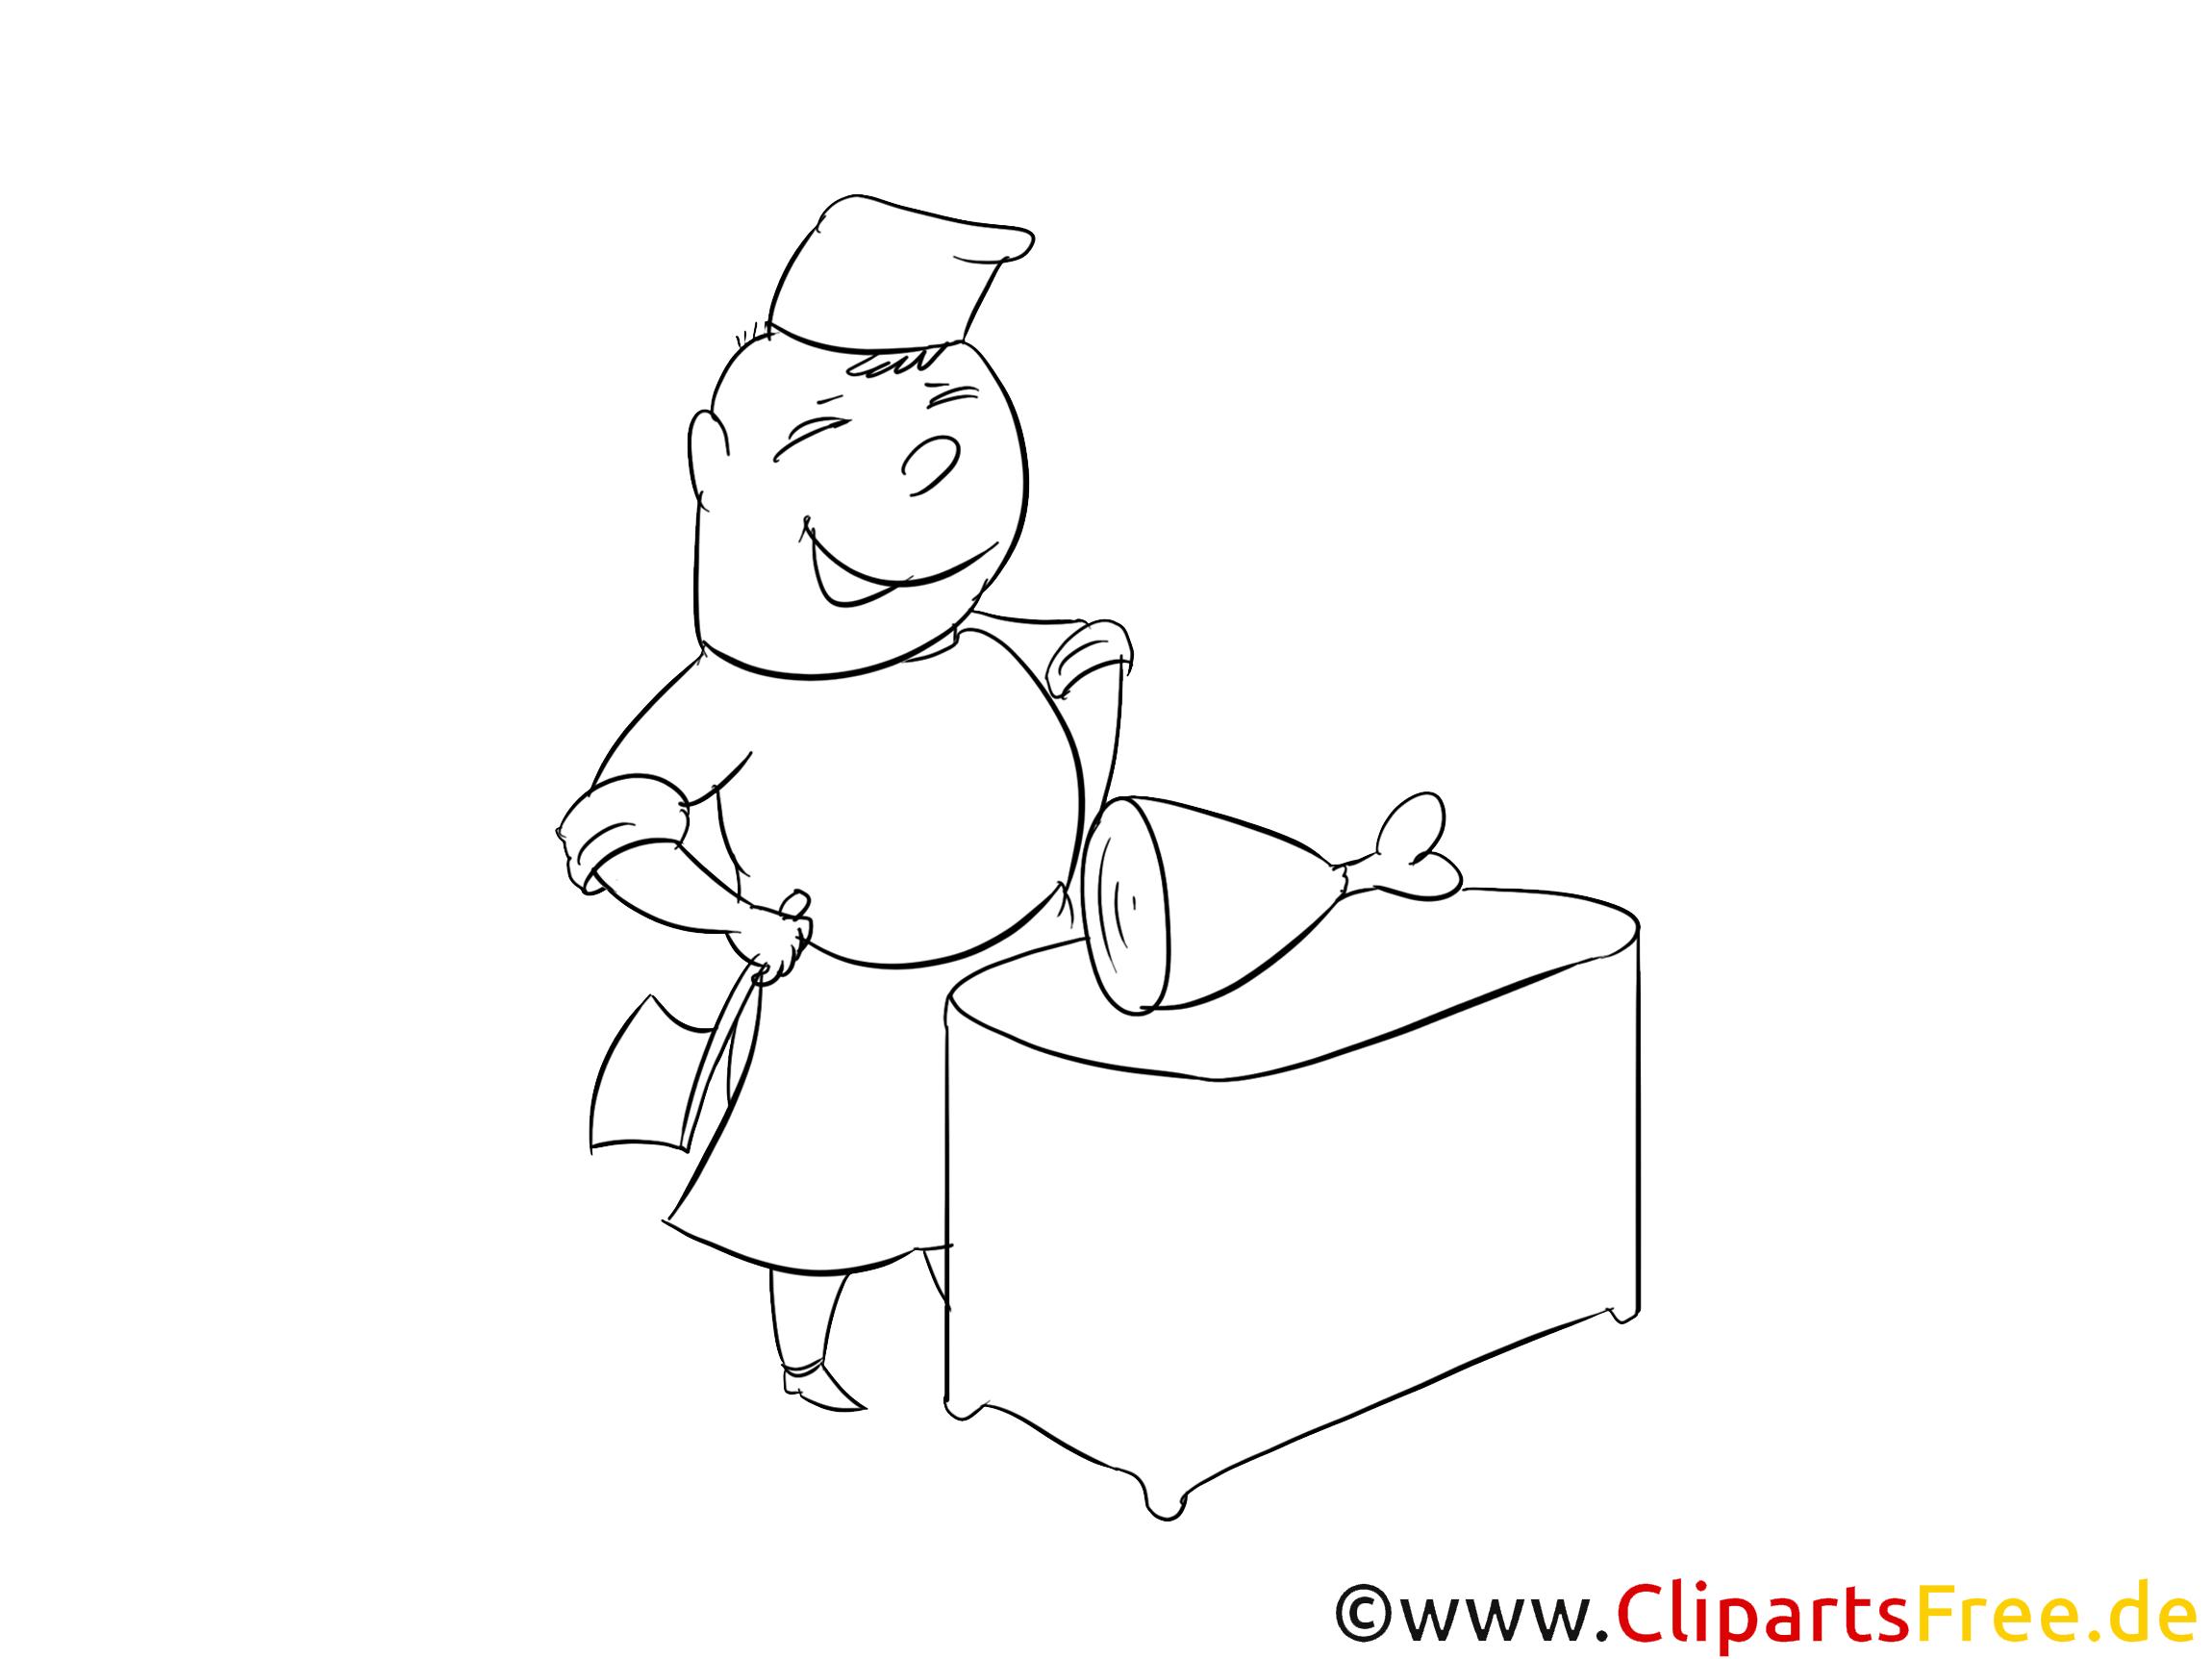 Fleischer Malvorlage zum Drucken und Ausmalen